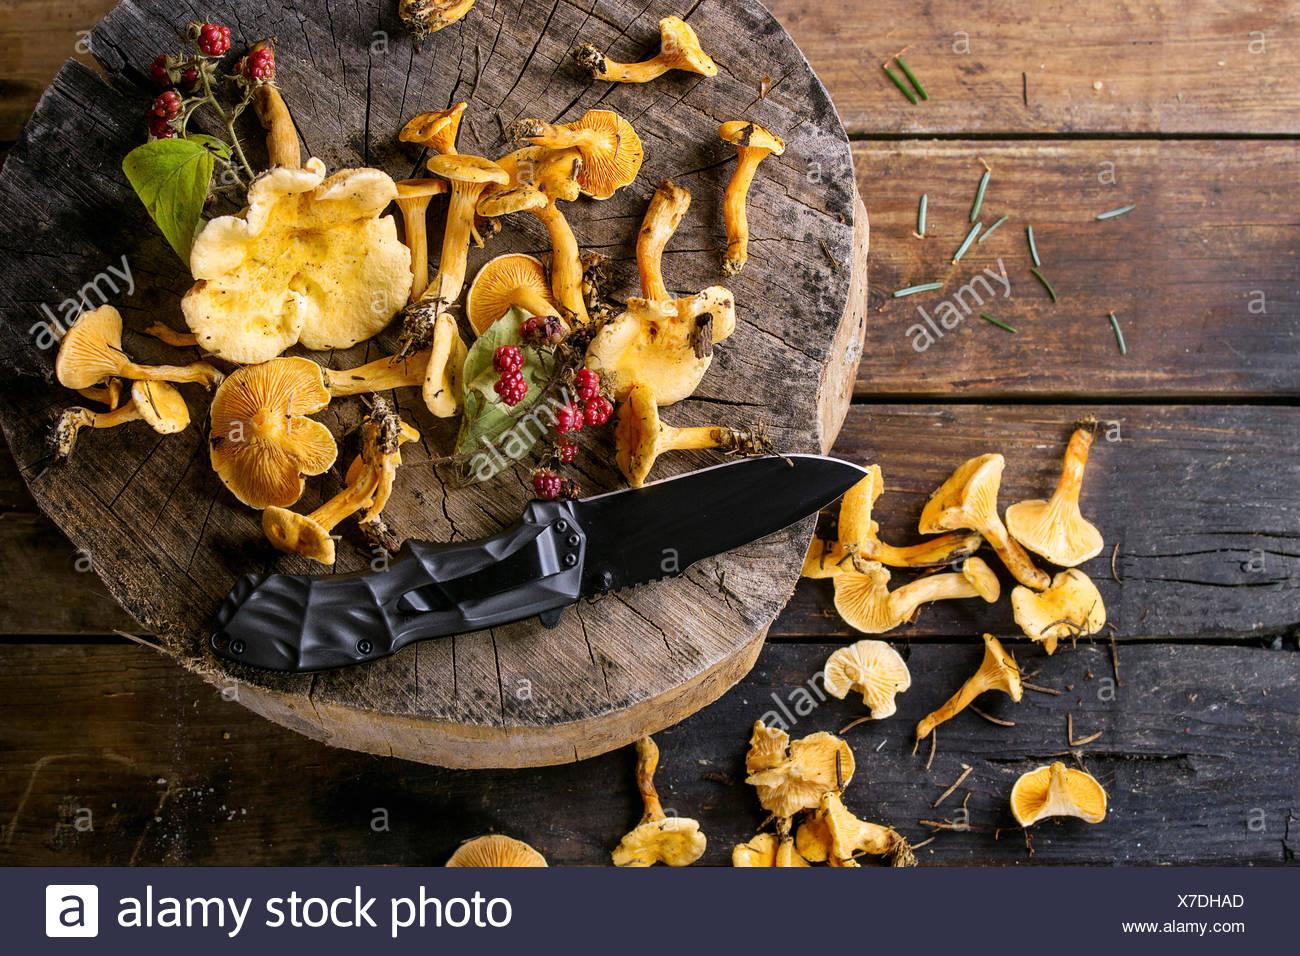 Forest Cantharellus setas con frambuesas silvestres y turist cuchillo sobre madera tocón más antiguas de madera en el fondo. Vista superior, copia sp Imagen De Stock